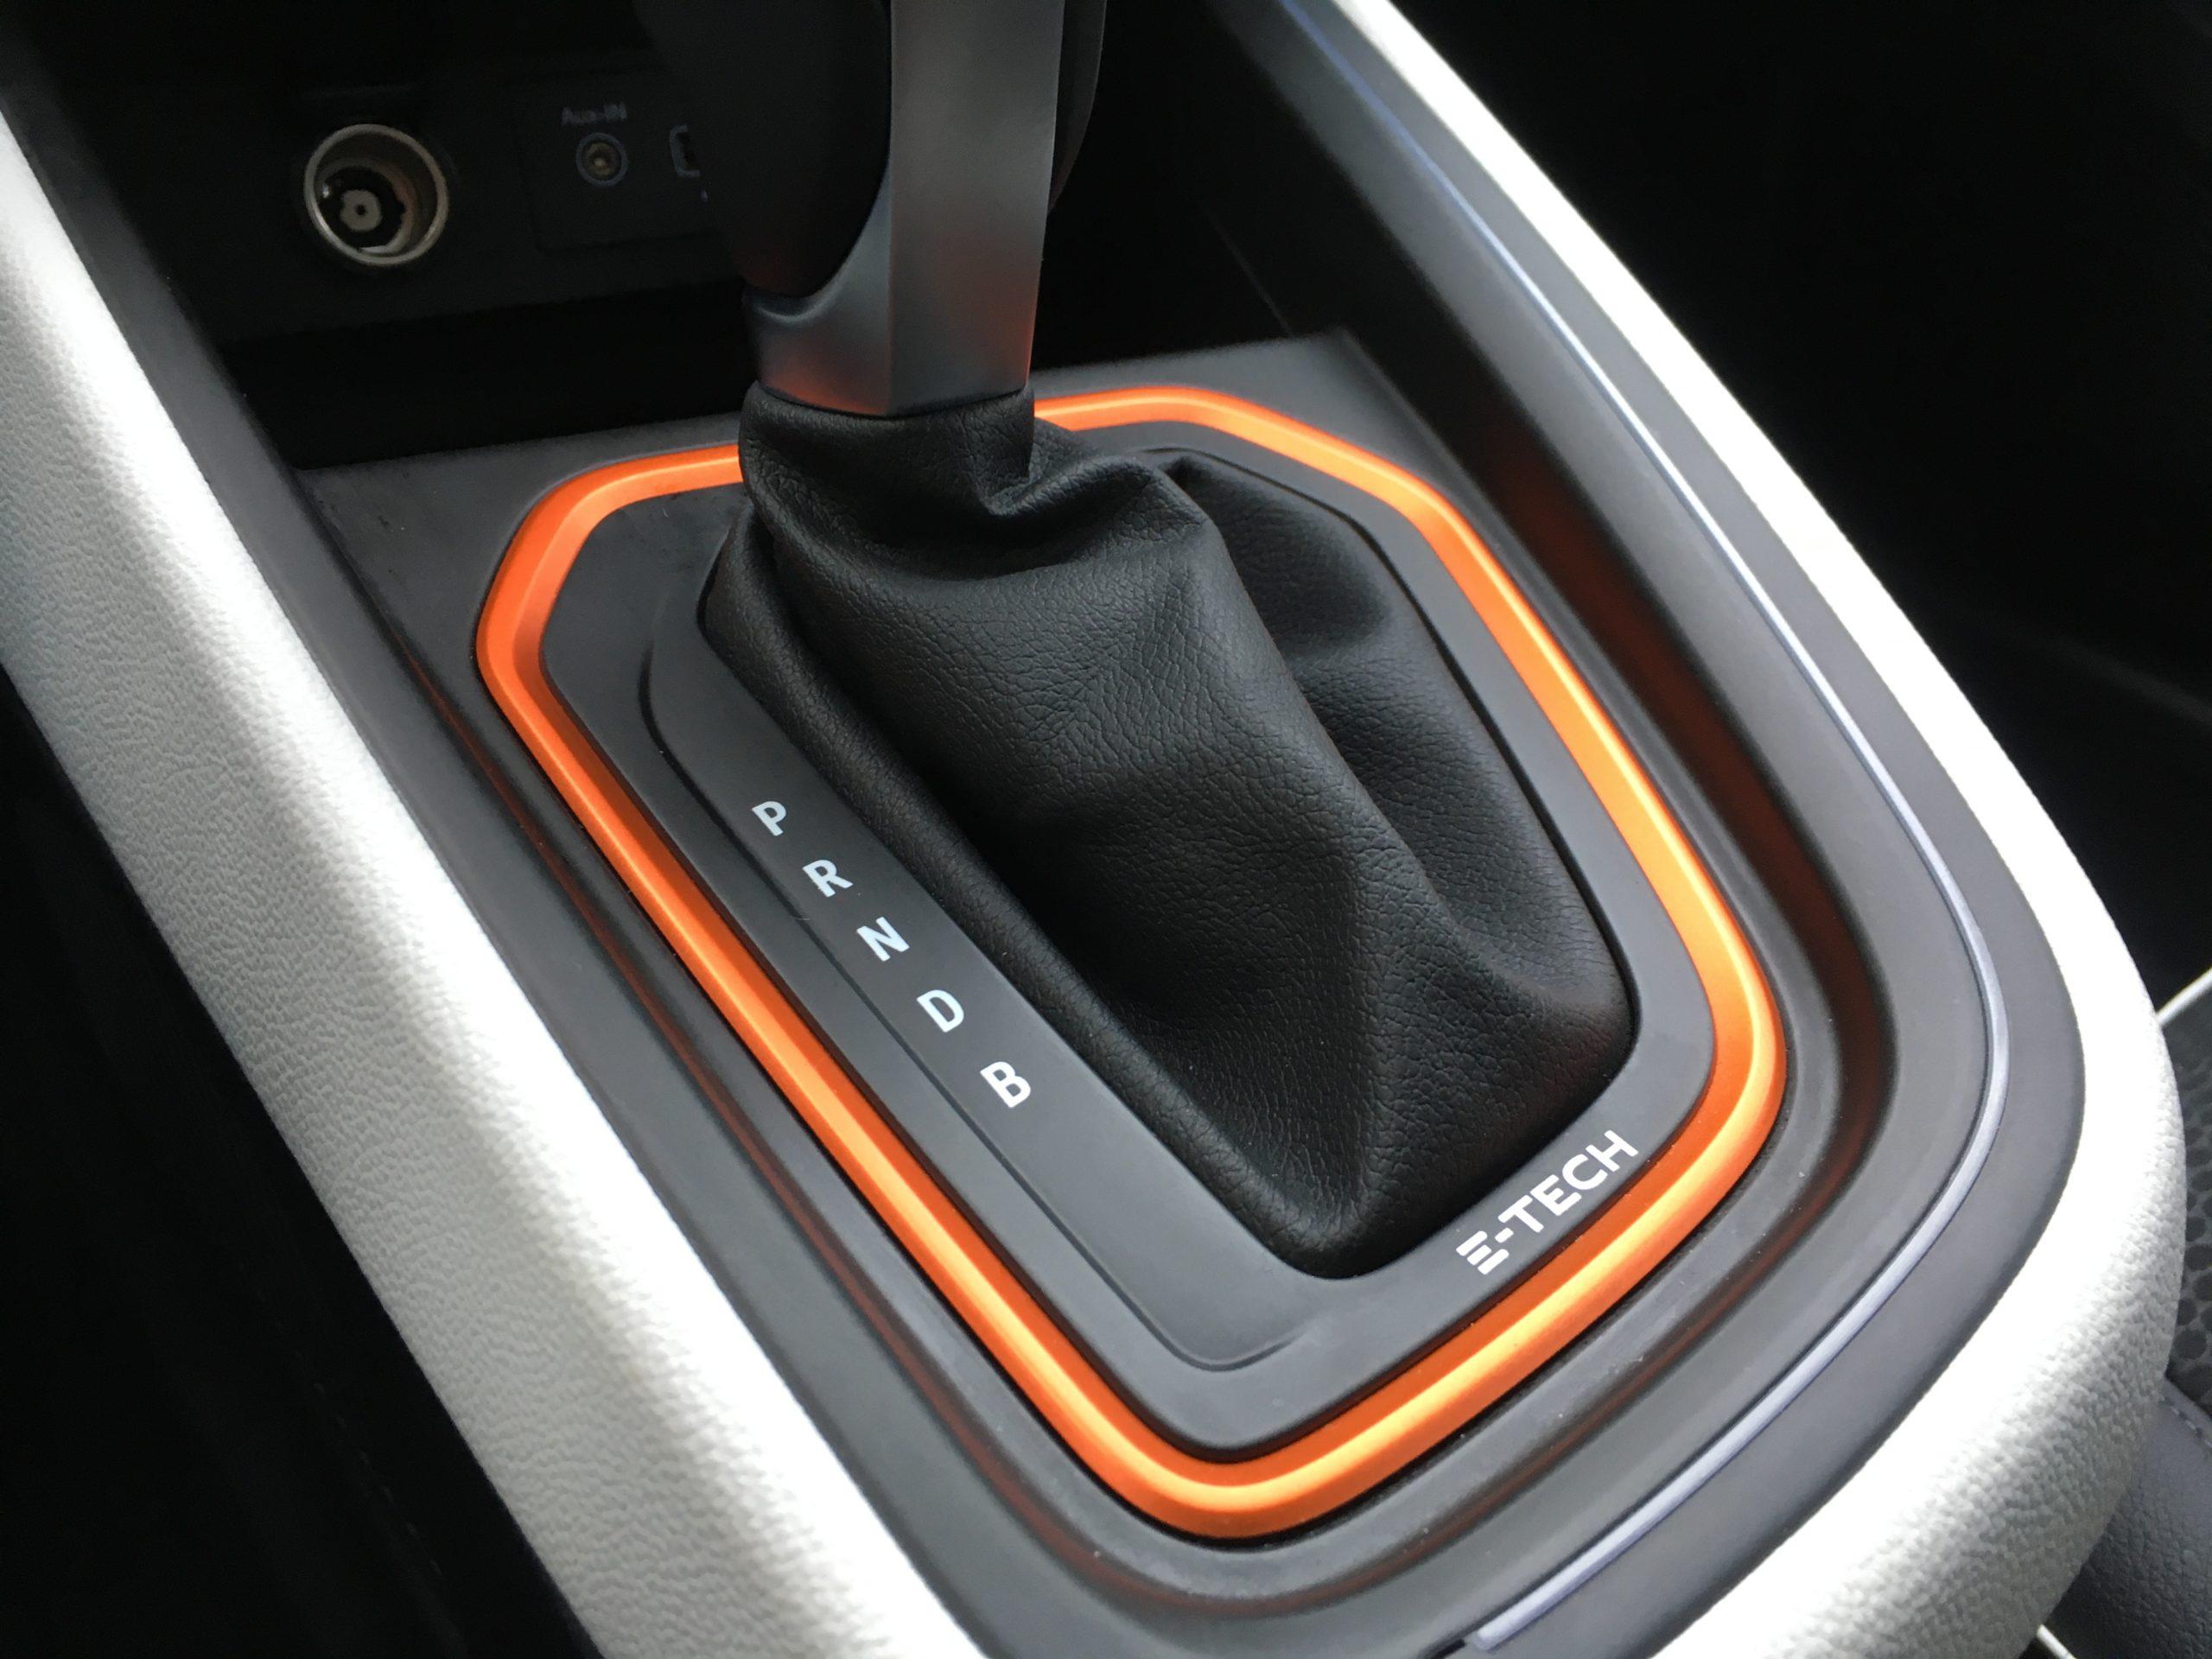 """Emblemat """"E-TECH"""" znajdziemy również na drążku zmiany biegów Renault Clio"""